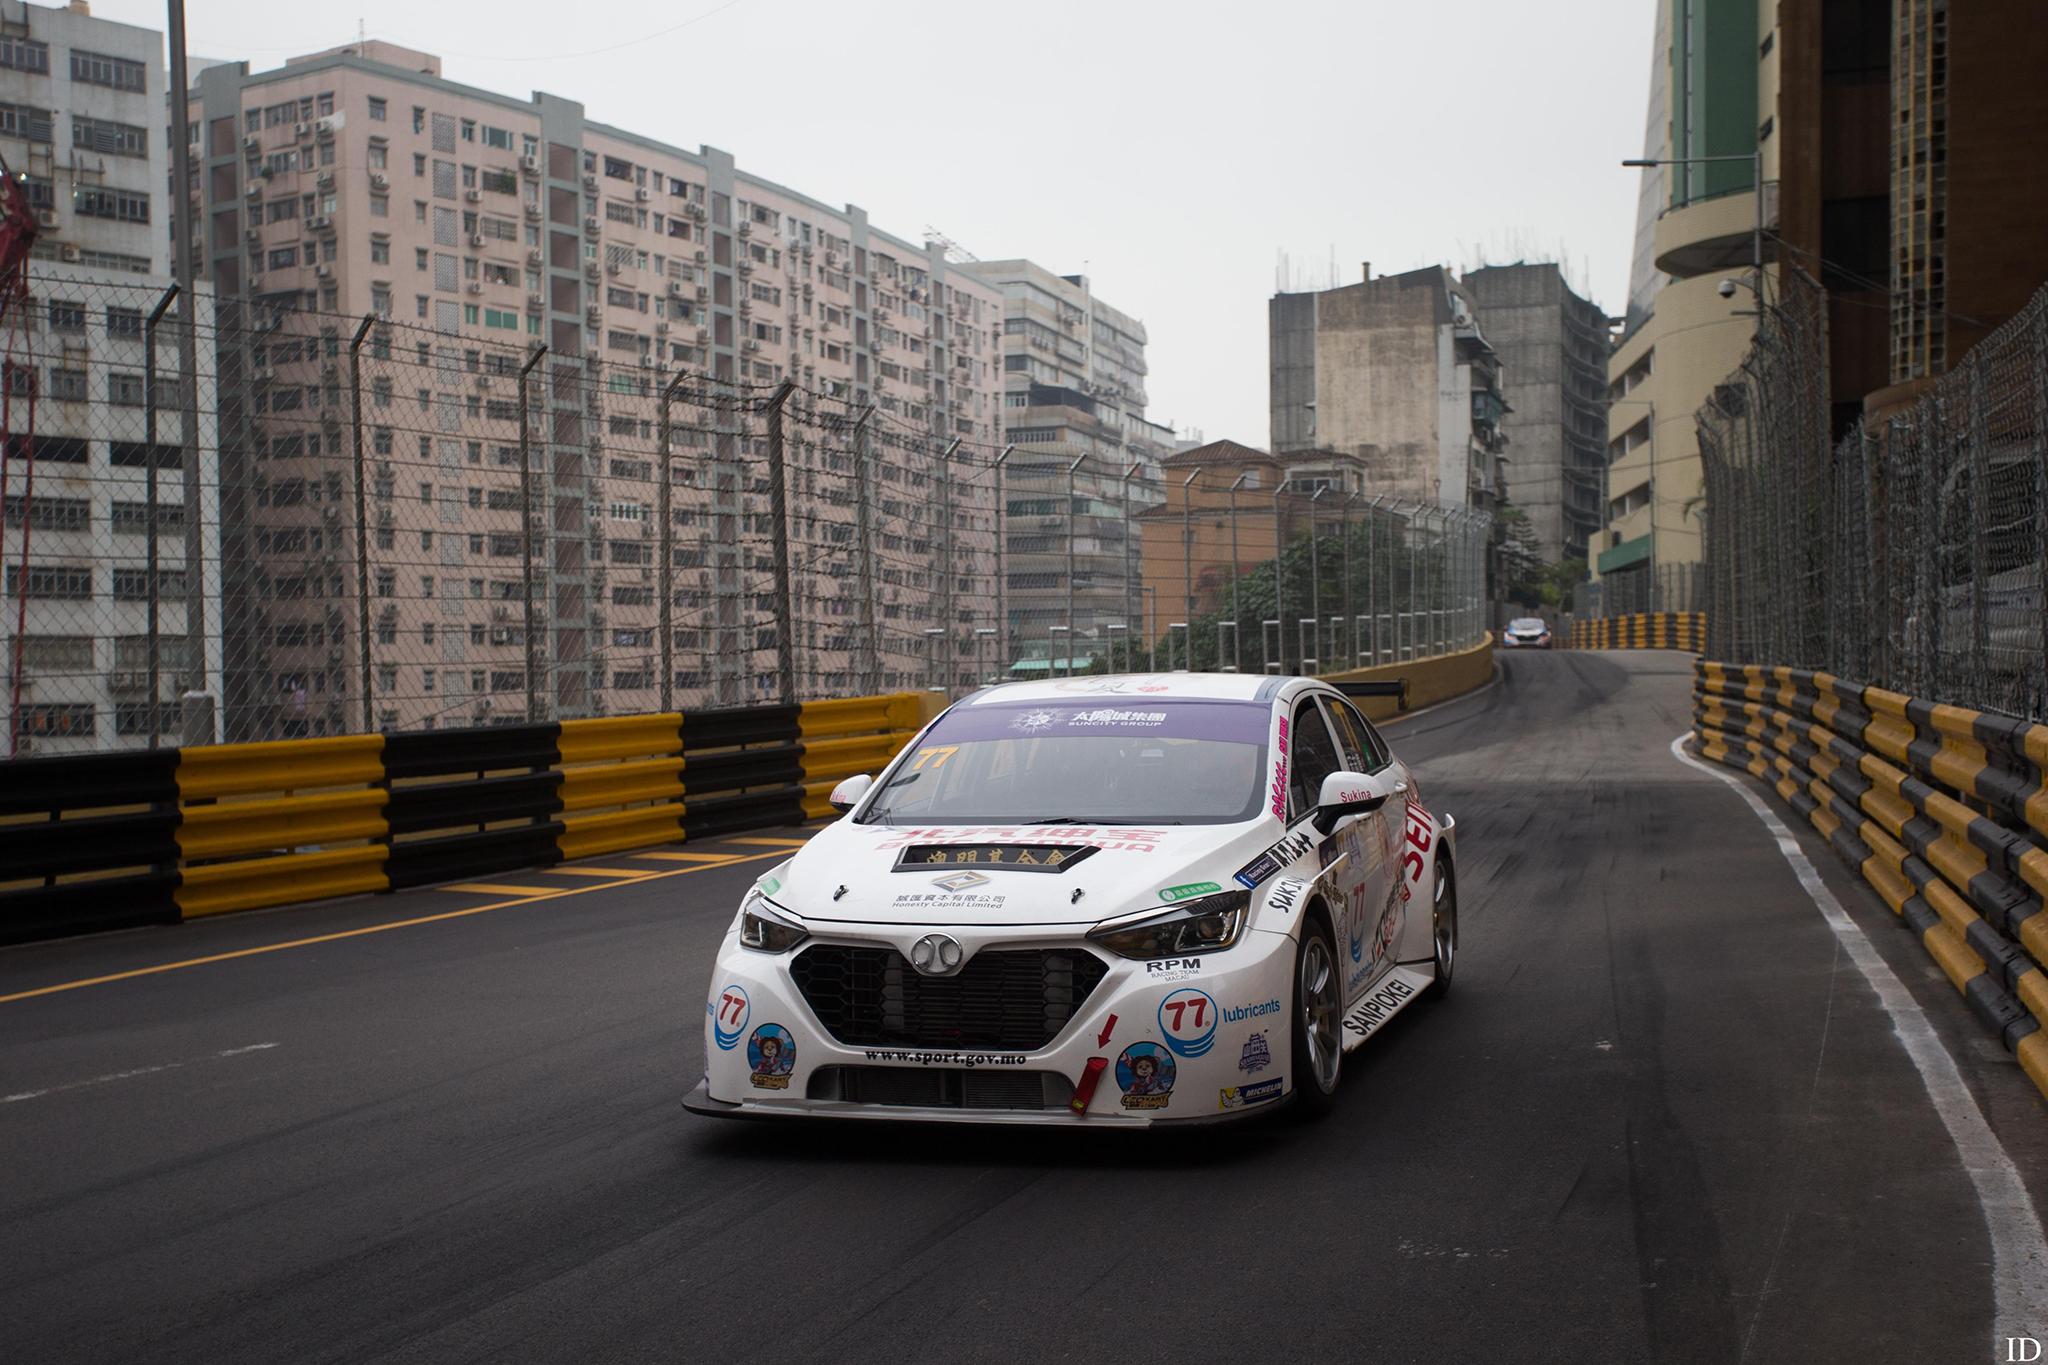 Taça da Corrida Chinesa voltará ao que era no GP